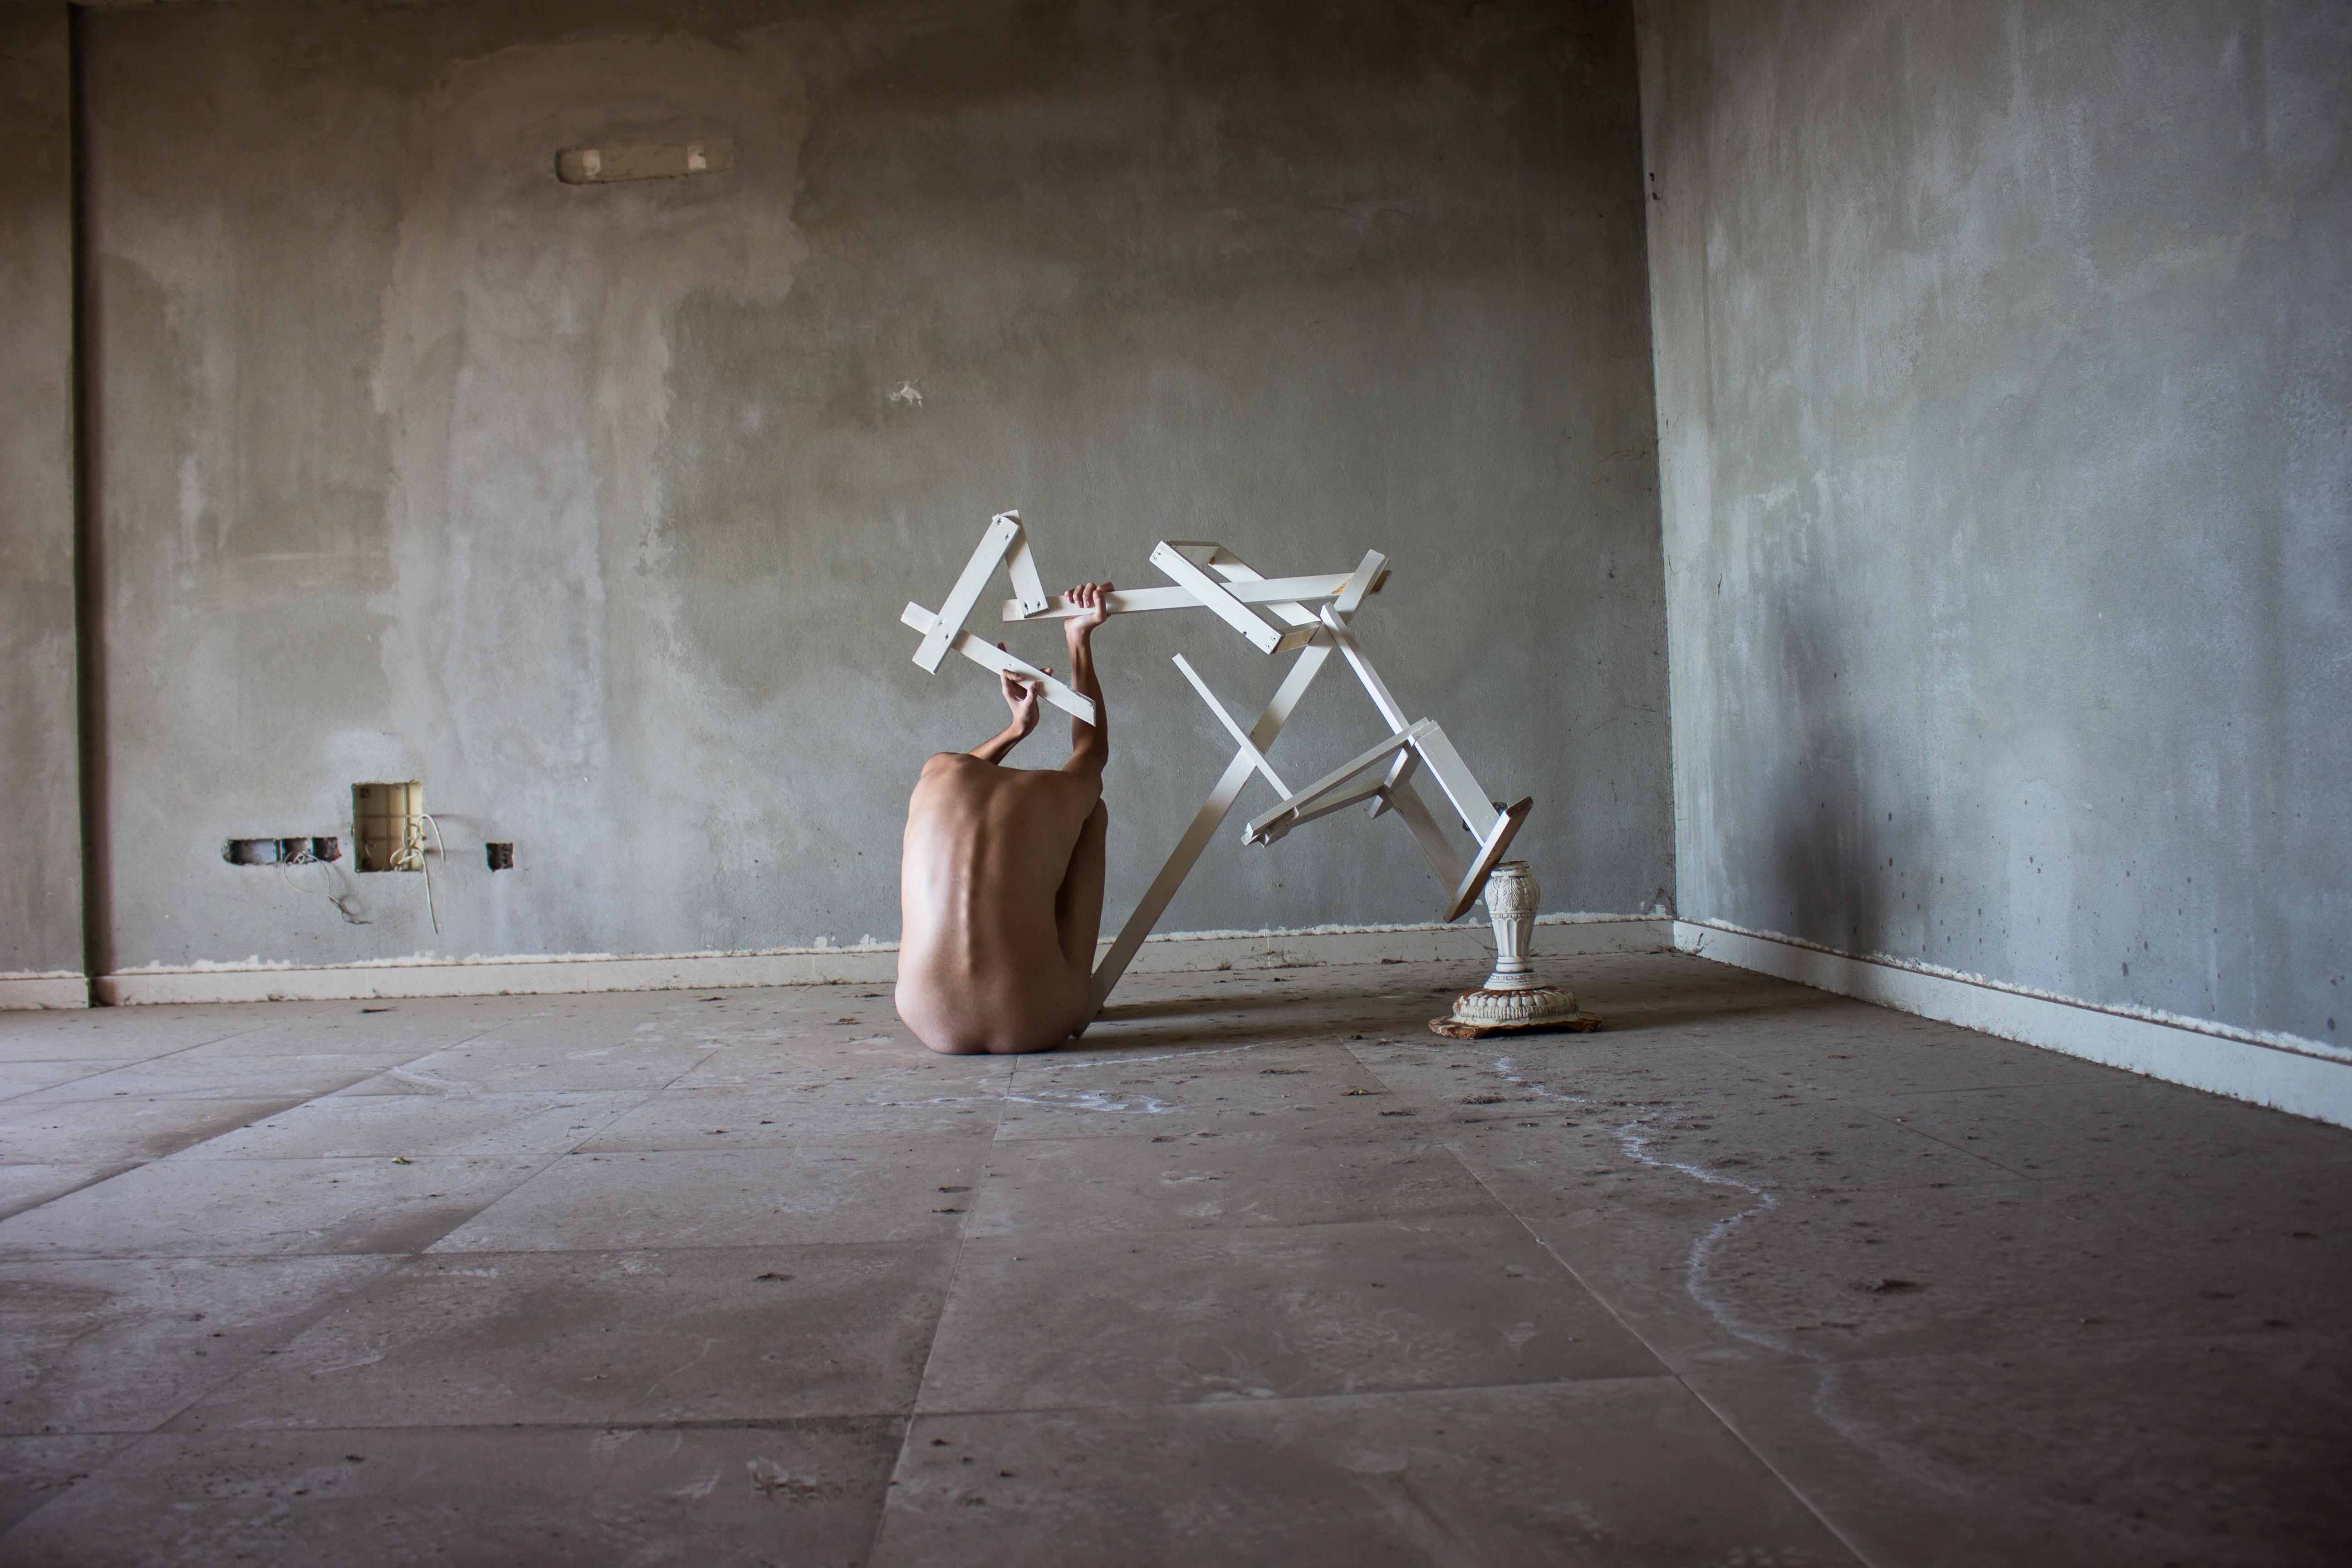 Sculptural composition, Anthi Evangelou